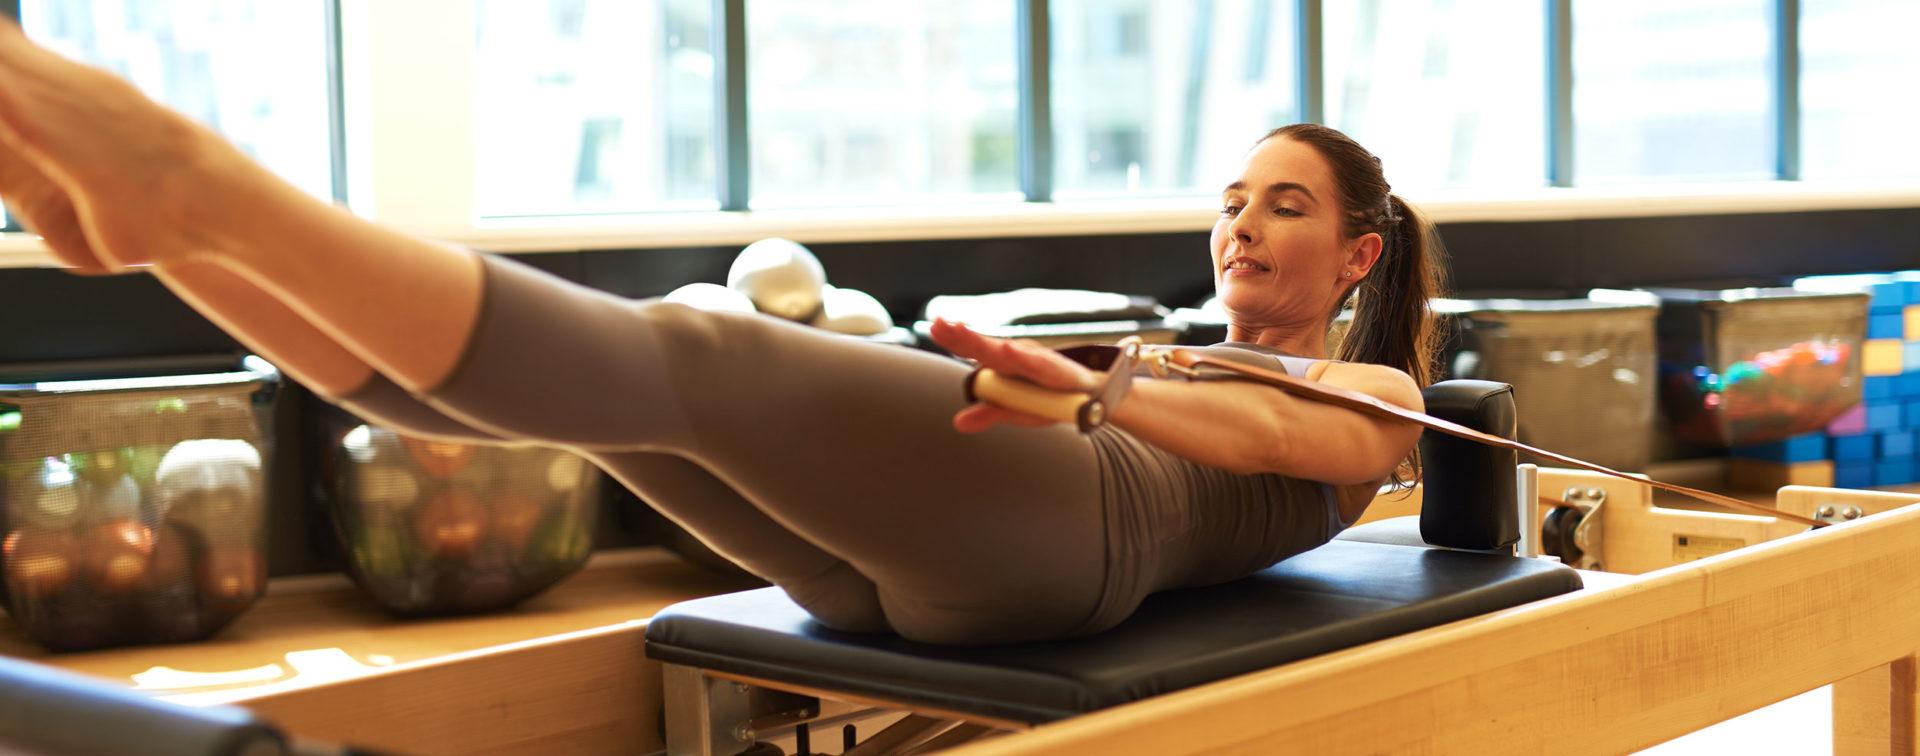 Esercizi con attrezzi Pilates